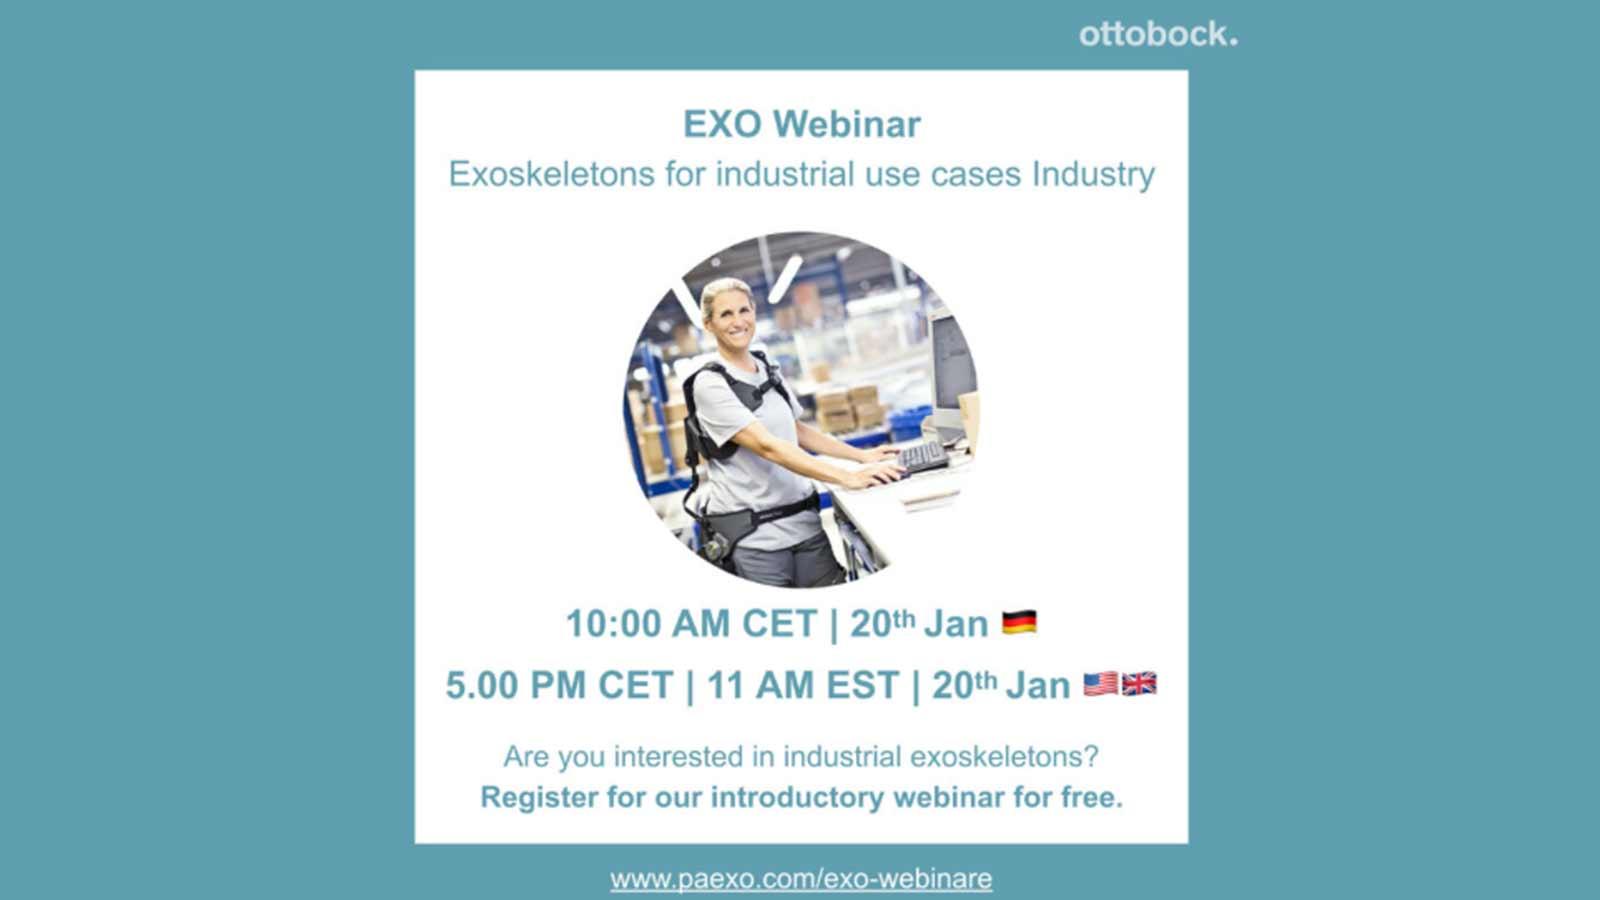 Exo Webinar Paexo Exoskeleton For Industrial Use Cases Jan 2021